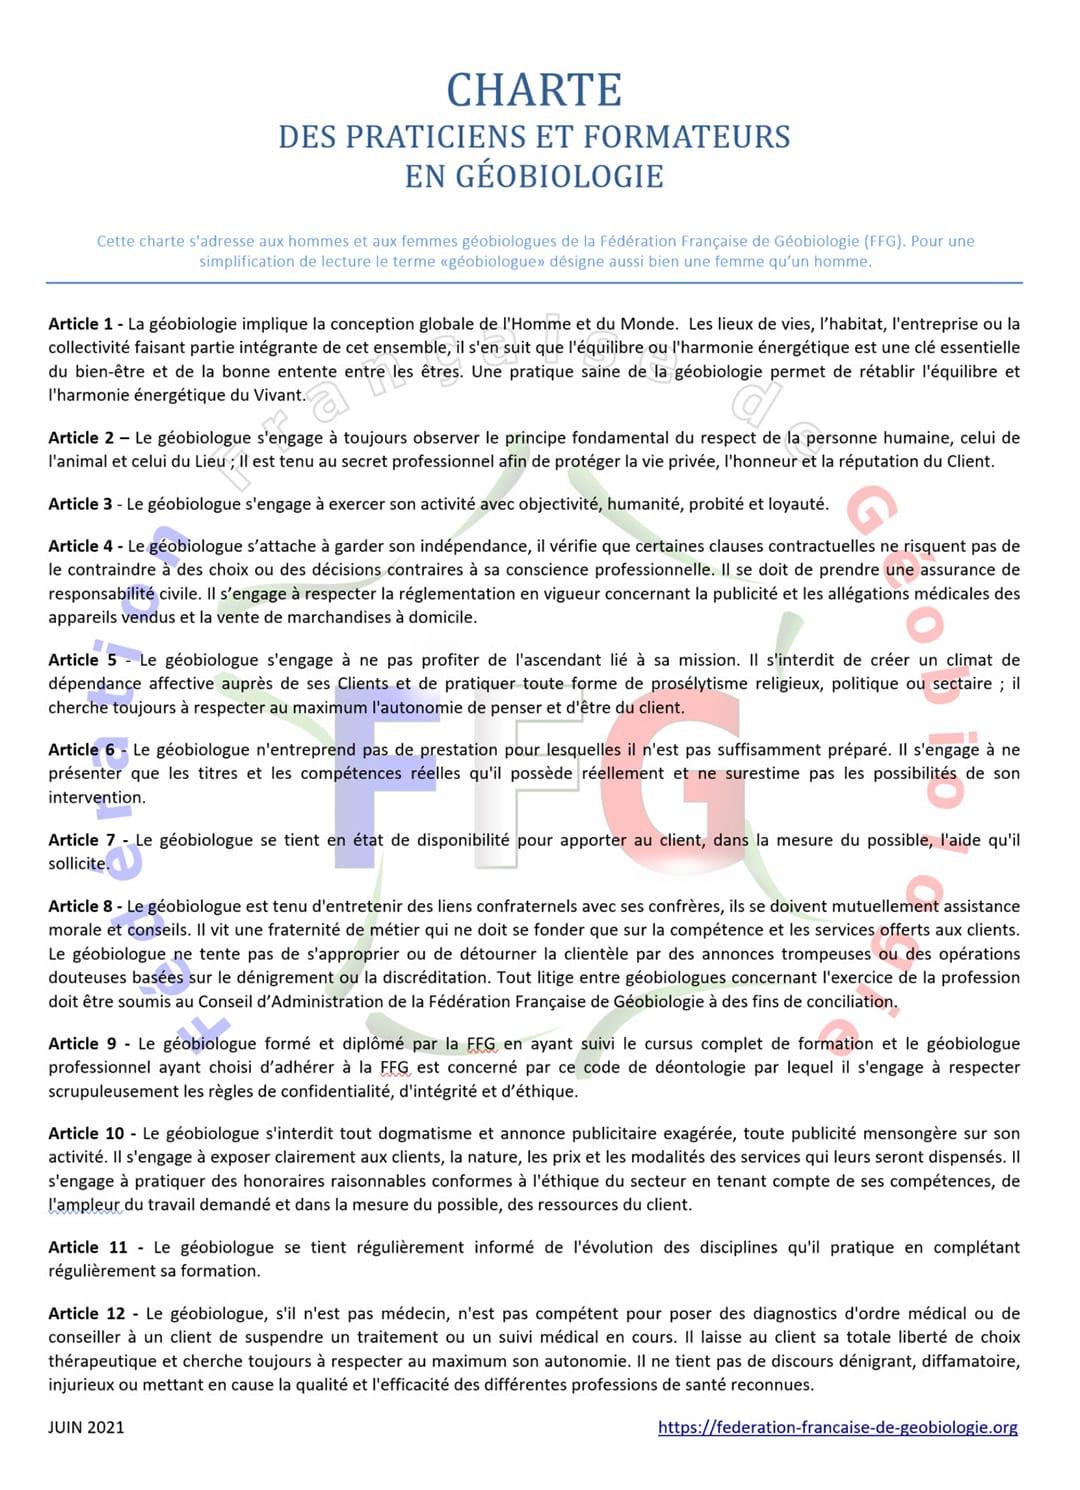 charte éthique FFG - juin 2021